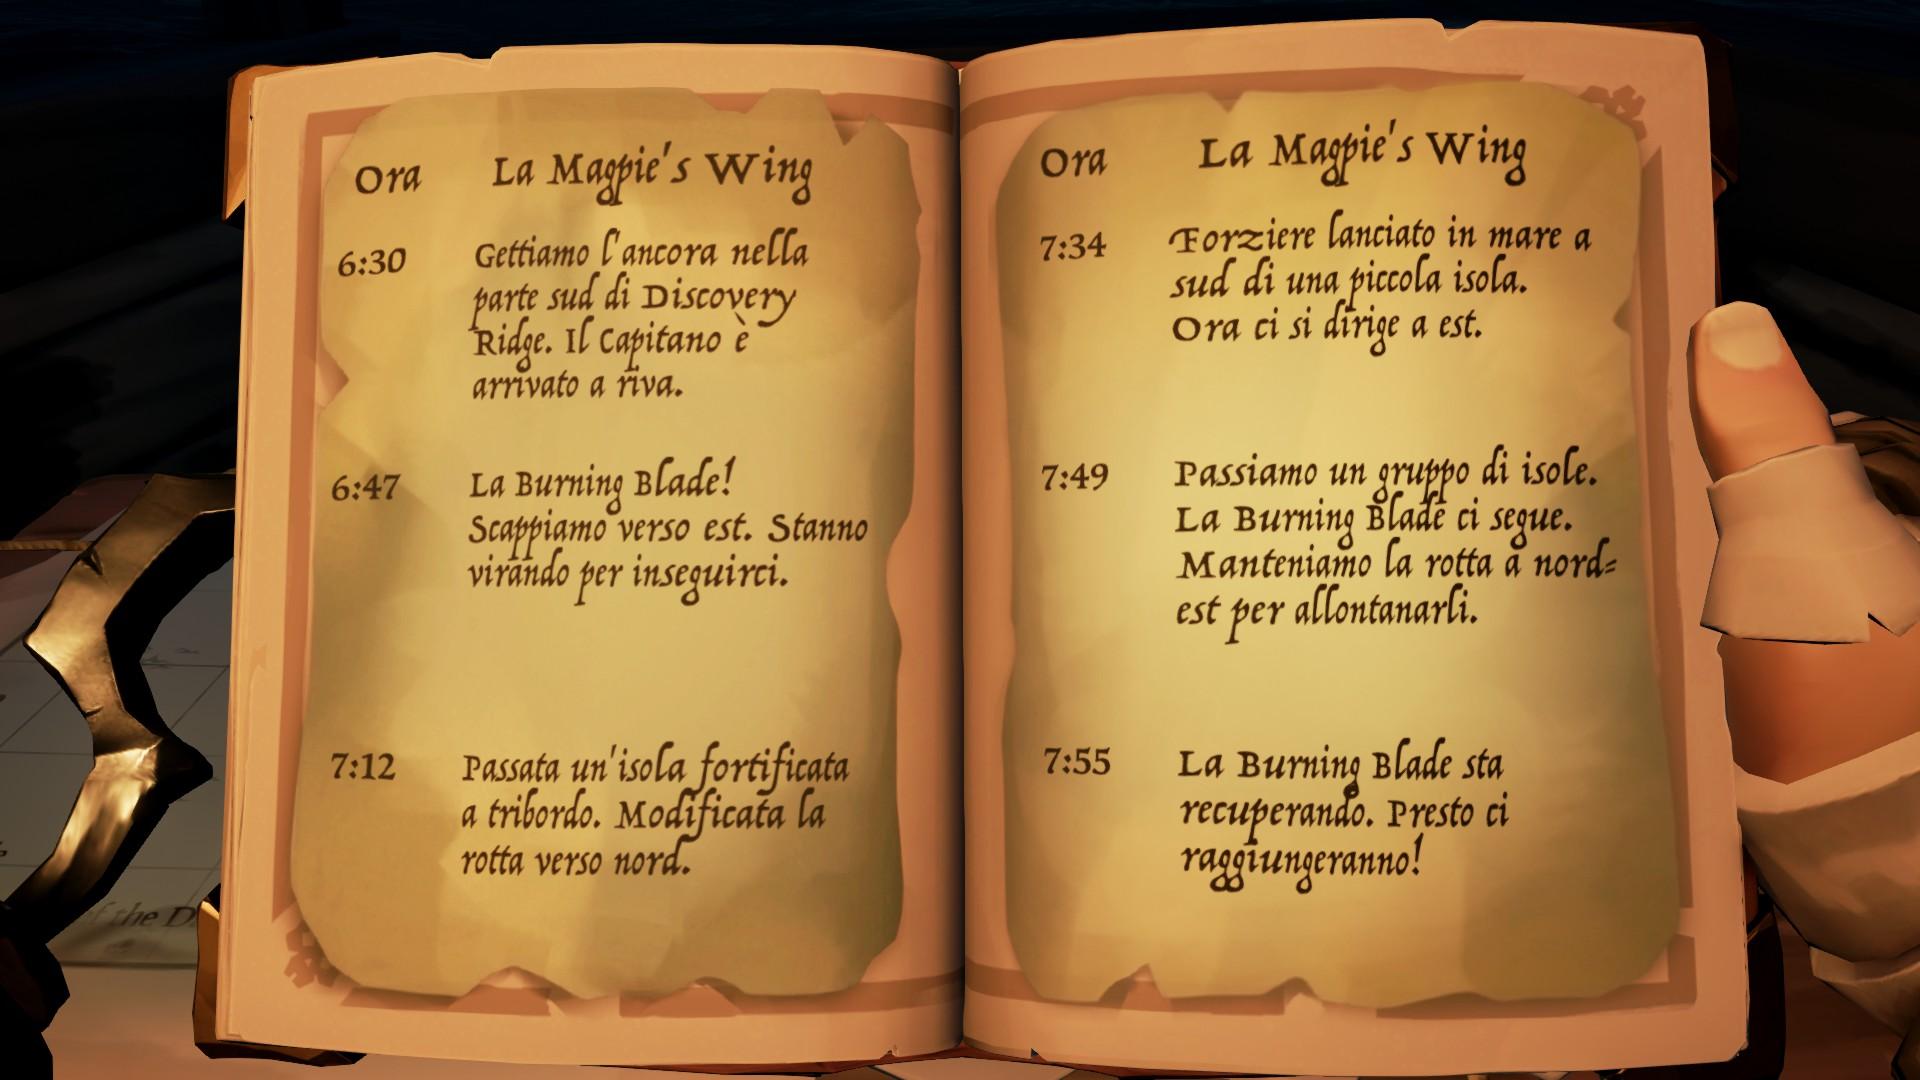 La Shroudbreaker, le indicazioni della rotta della Magpie's Wing.